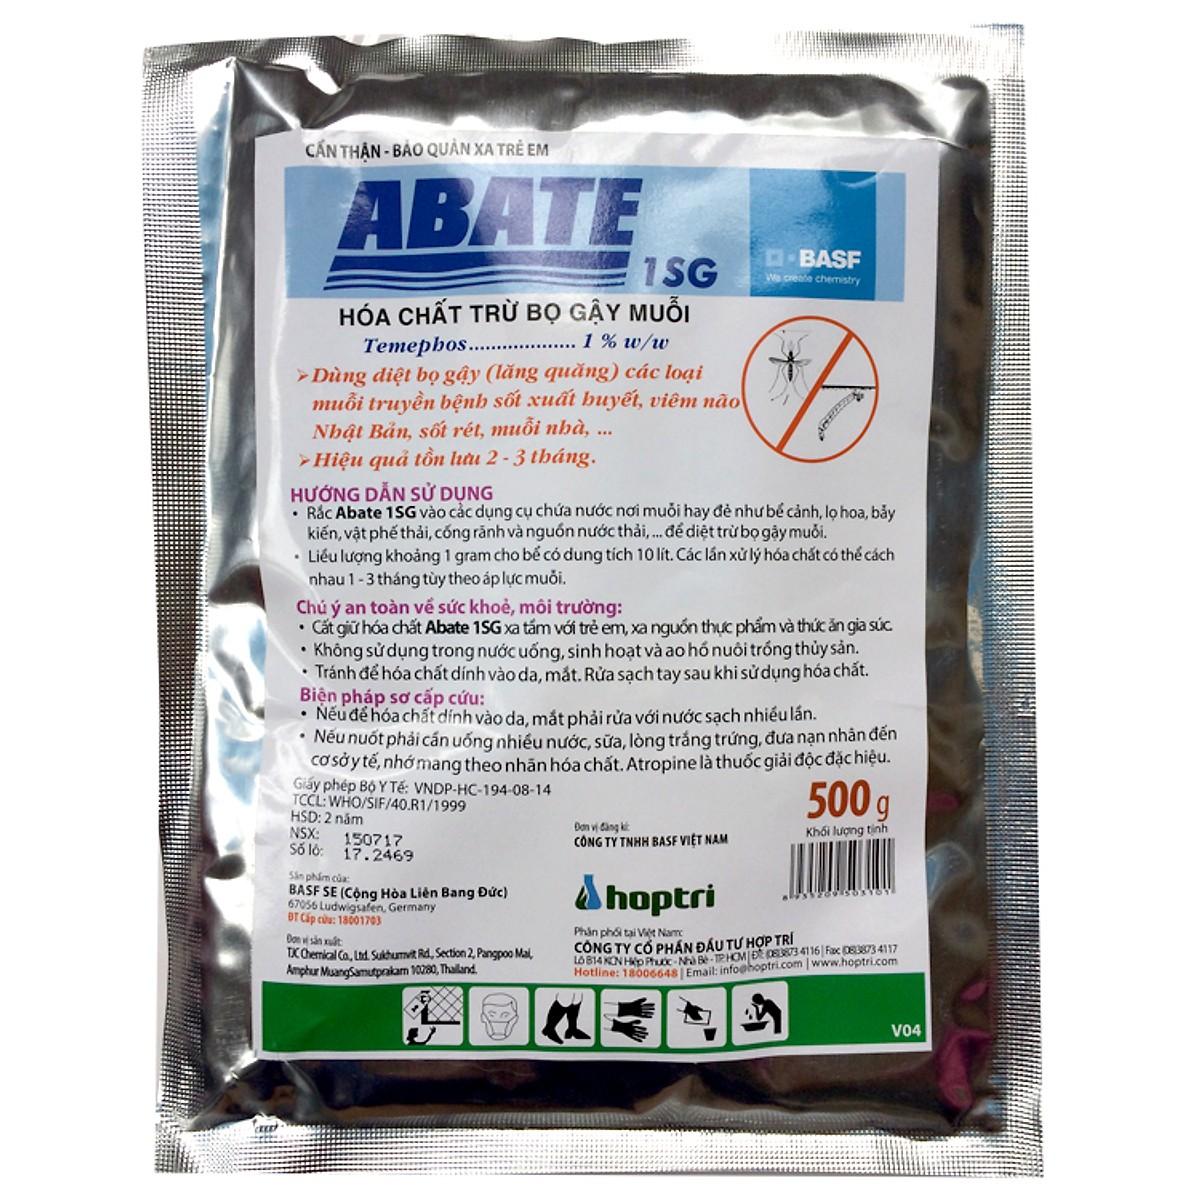 Thuốc diệt bọ gậy diệt lăng quăng Abate 1SG Gói 500g Phòng trừ muỗi sốt xuất huyết, muỗi Zika